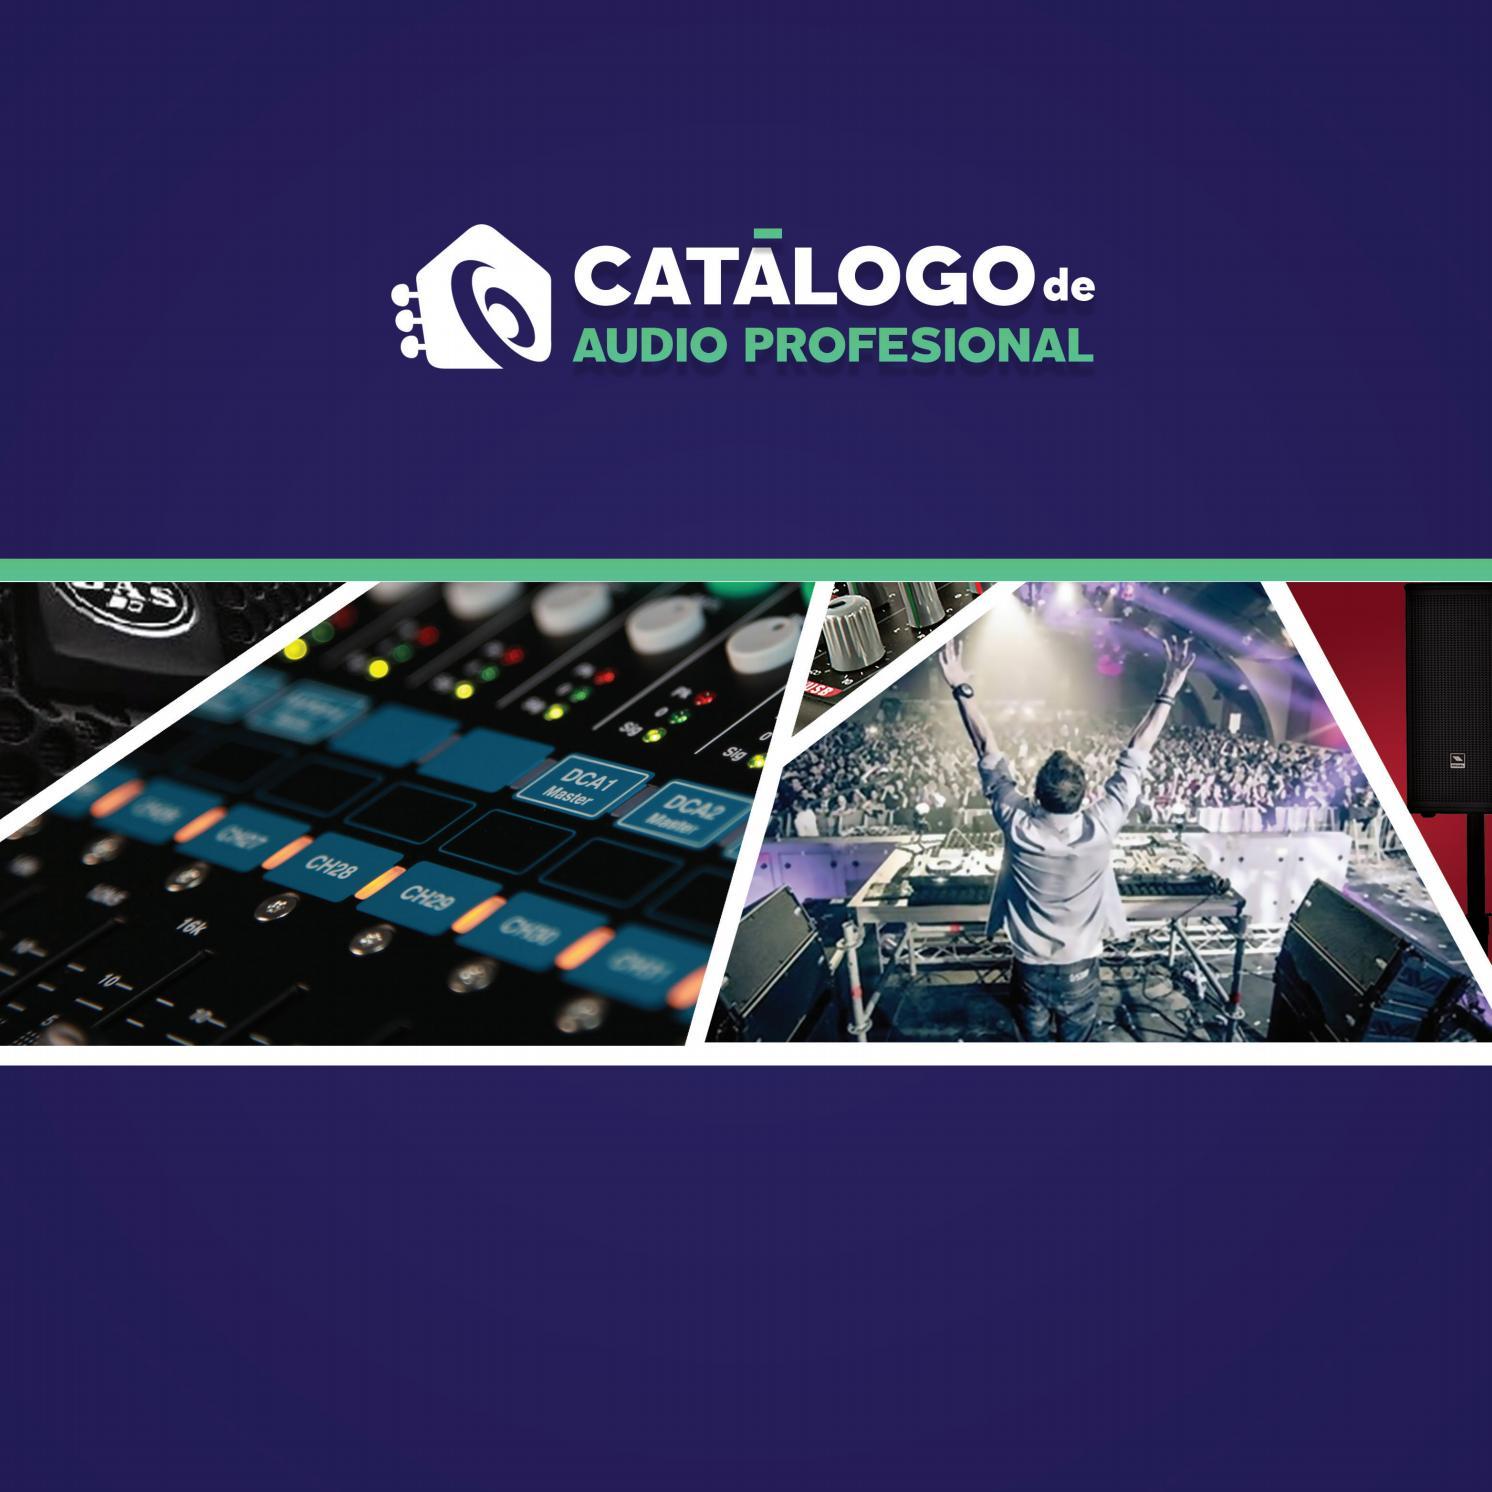 Catalogo De Audio Casa Instrumental By Casa Instrumental Guatemala  # Muebles Fiesta Metronorte